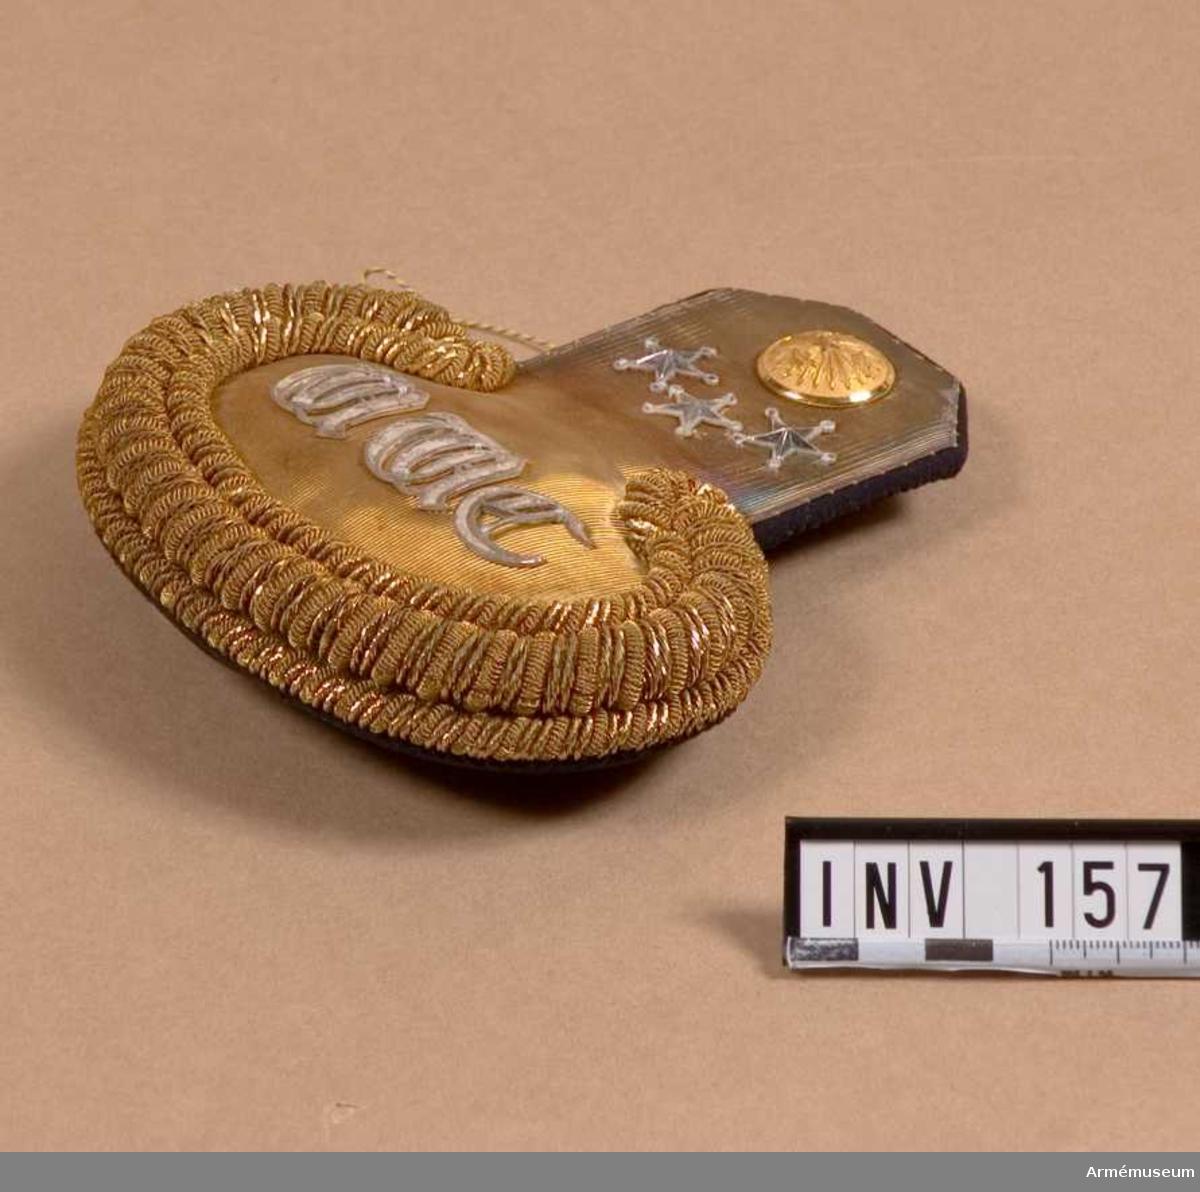 Matta av slät guldgalon, med silverbokstäver: W W C. Liggande  guldgalon runt yttre epåletten, 3 varv. Fodrad med blått kläde. Haken i metall märkt: Militärekiperingsaktiebolaget. Guldknapp  m/1886 för V o V byggnadskåren.  Tre st silverstjärnor = kapten. Längd 150 mm, bredd vid halsen 60 mm, stb vid ärmen 130 mm. Vänster.